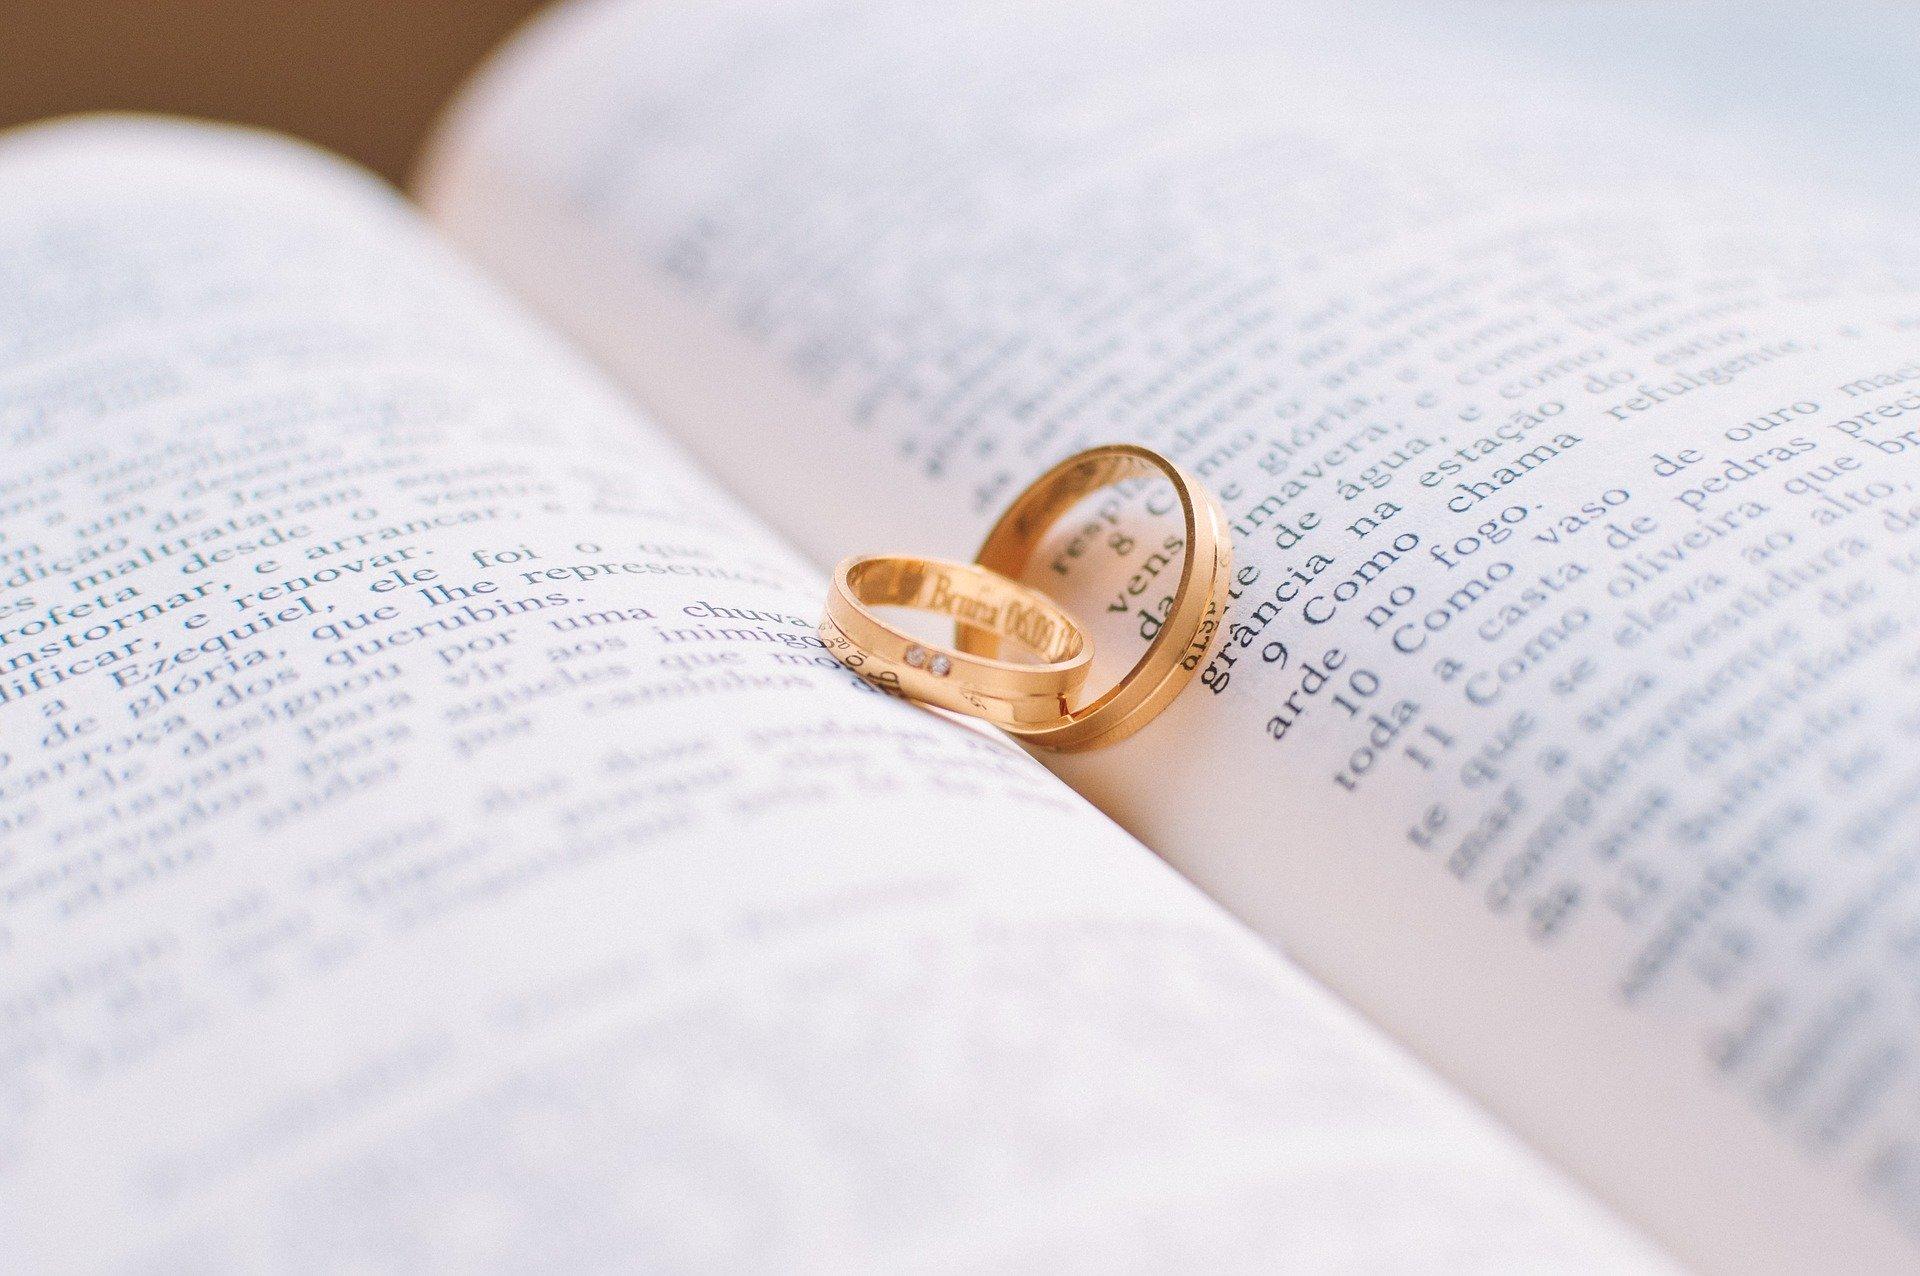 結婚への近道は、婚期を知ること?